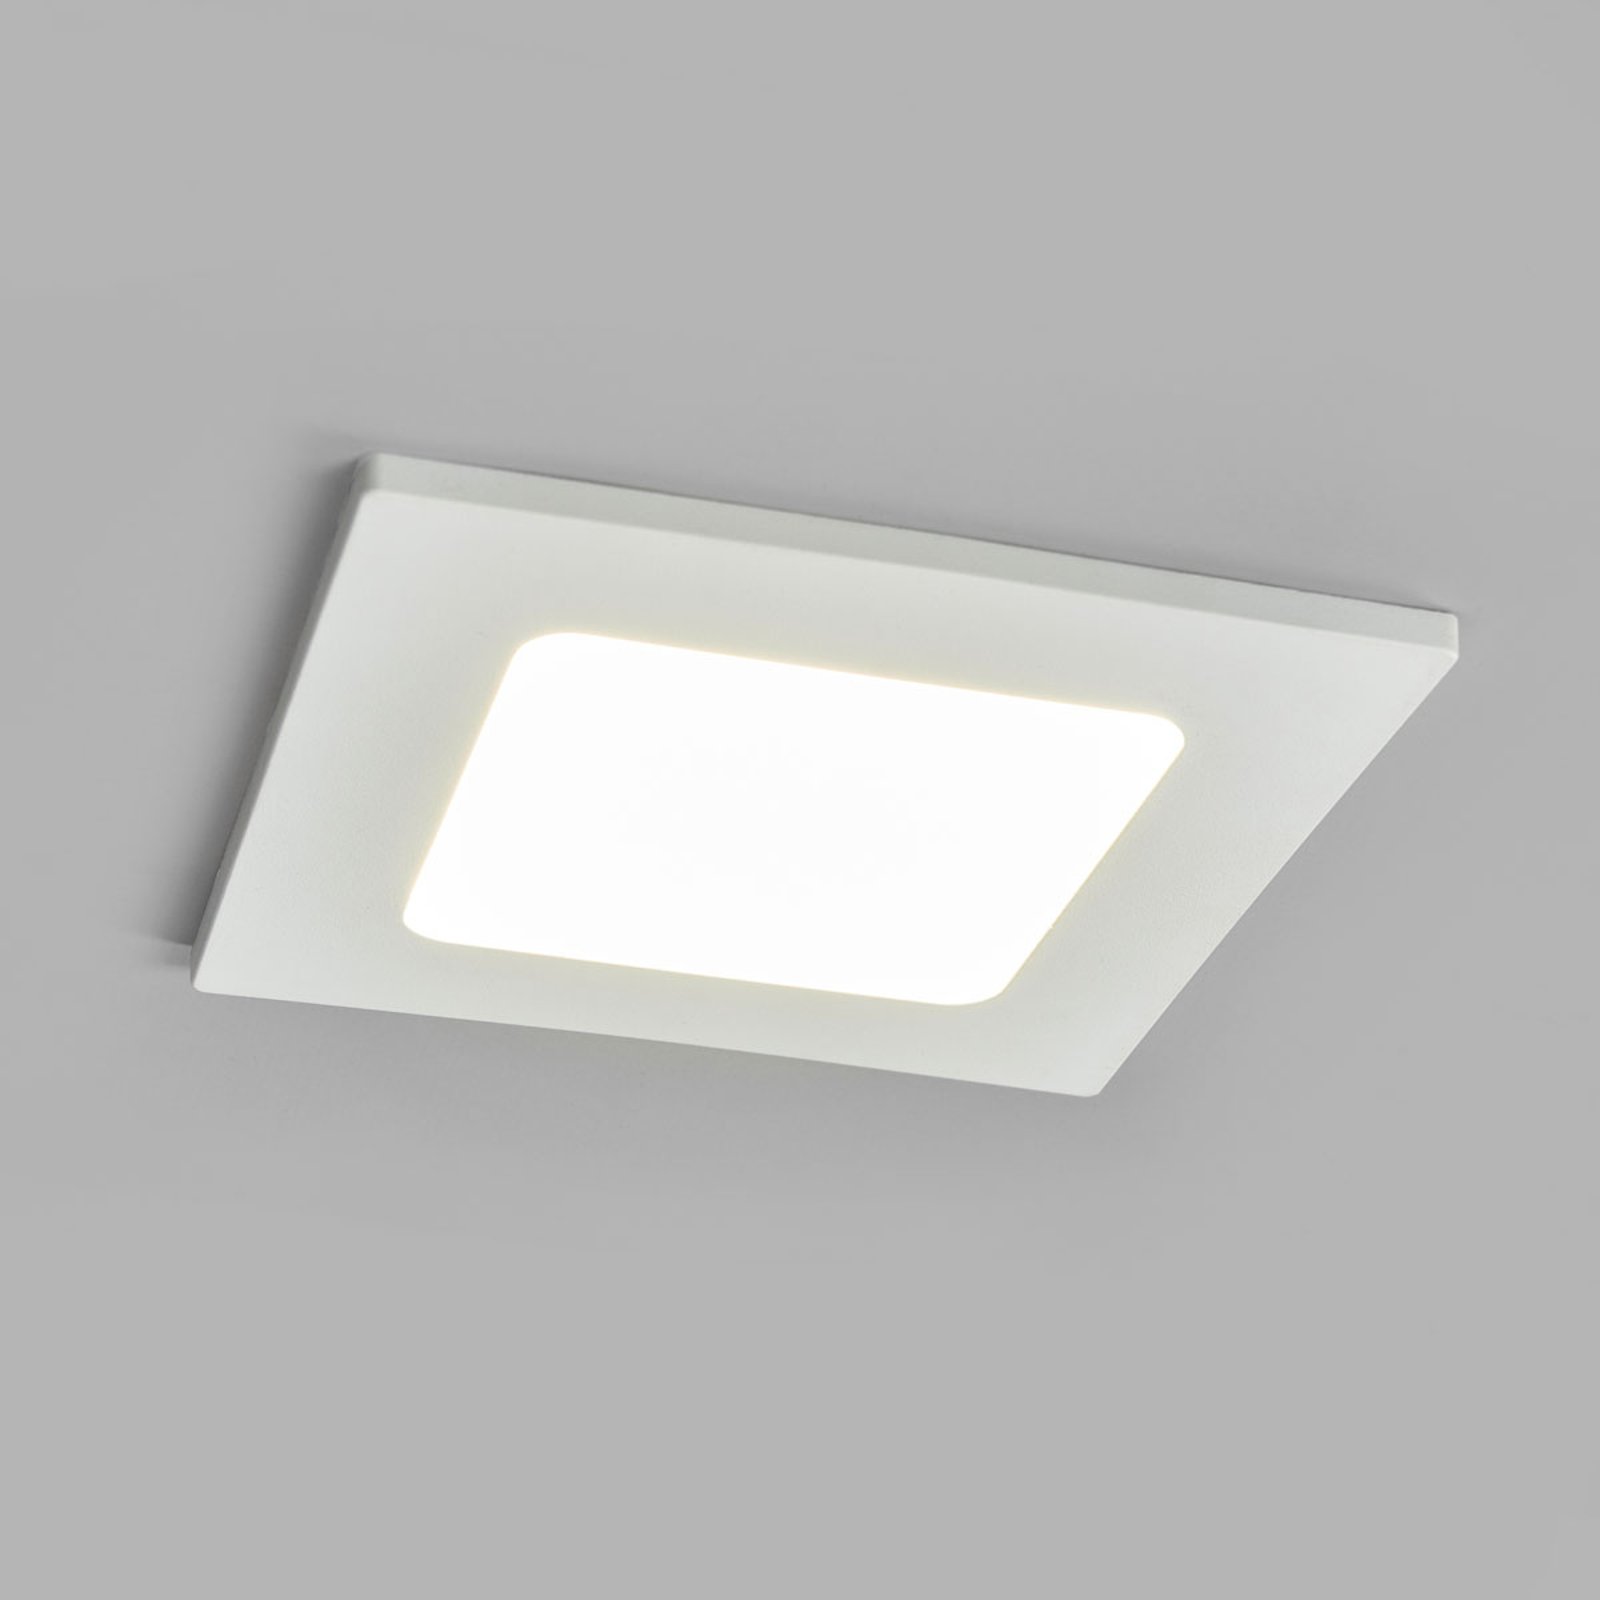 LED-kohdevalo Joki valkoinen 4000K kulmikas 11,5cm